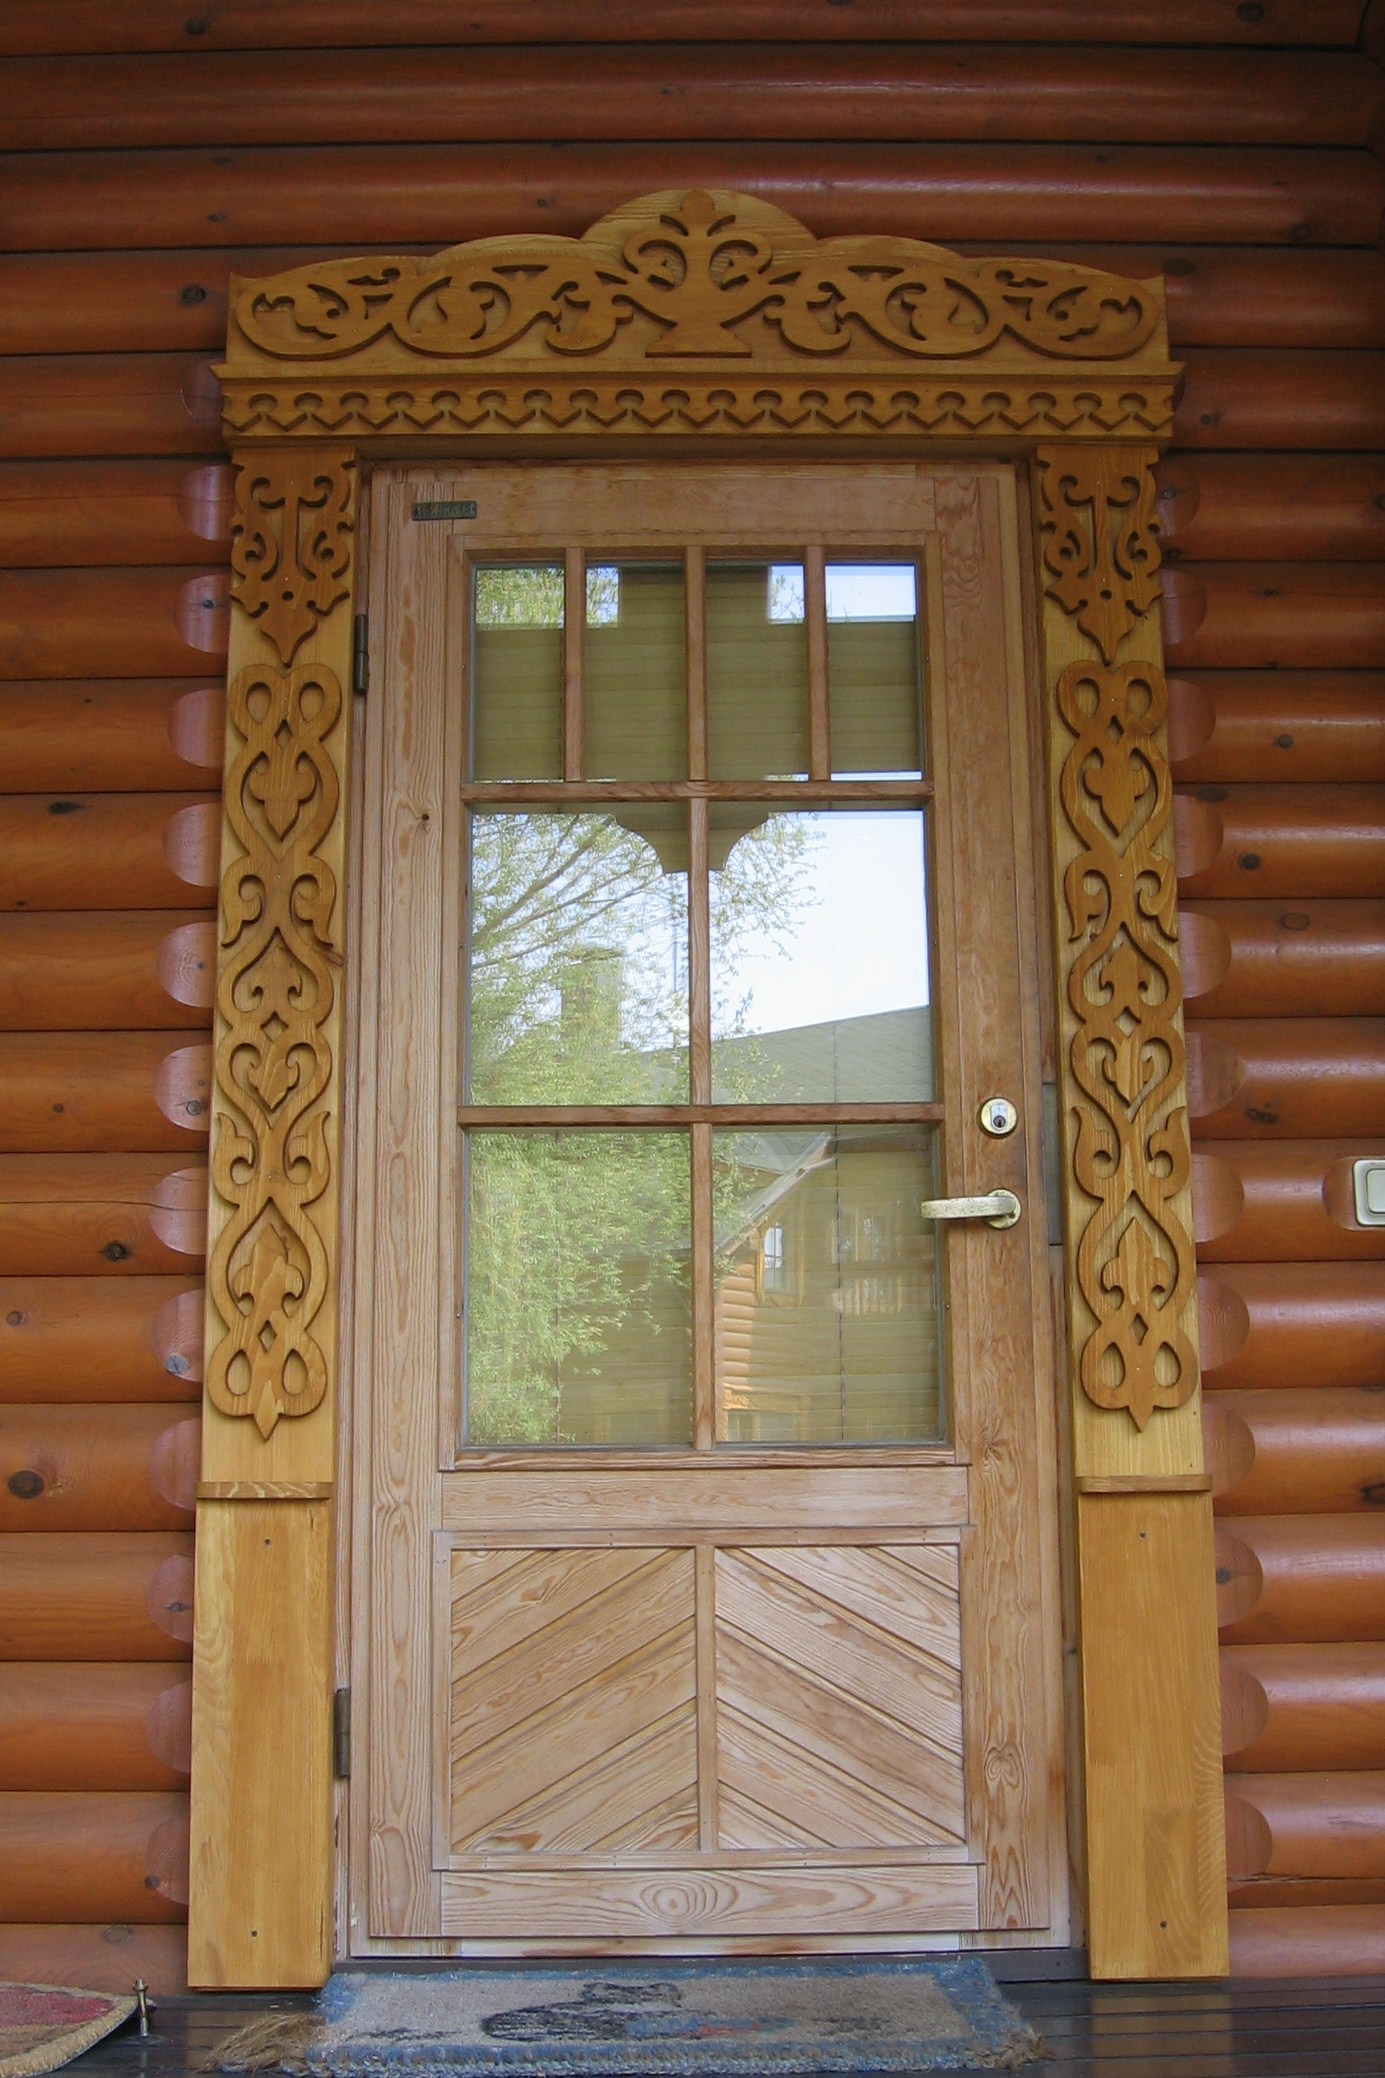 Резной наличник на дверь, орнамент дерево жизни